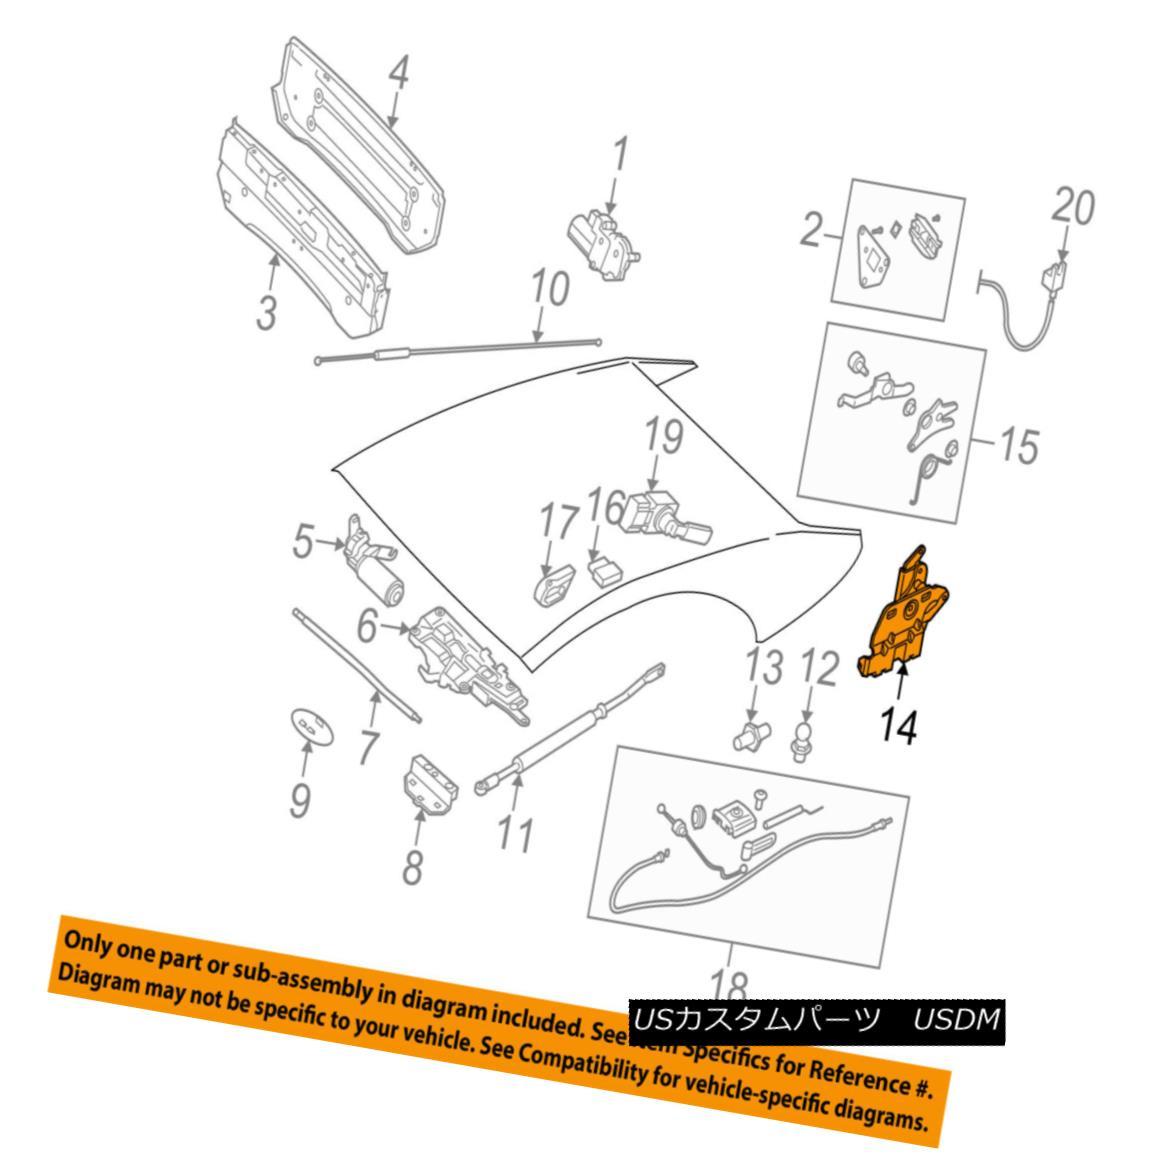 幌・ソフトトップ BMW OEM 06-10 650i Motor-Convertible/soft Top-Release Lever Right 54347159090 BMW OEM 06-10 650iモーター・コンバーチブル/ソフト・トップ・リリース・レバー右54347159090